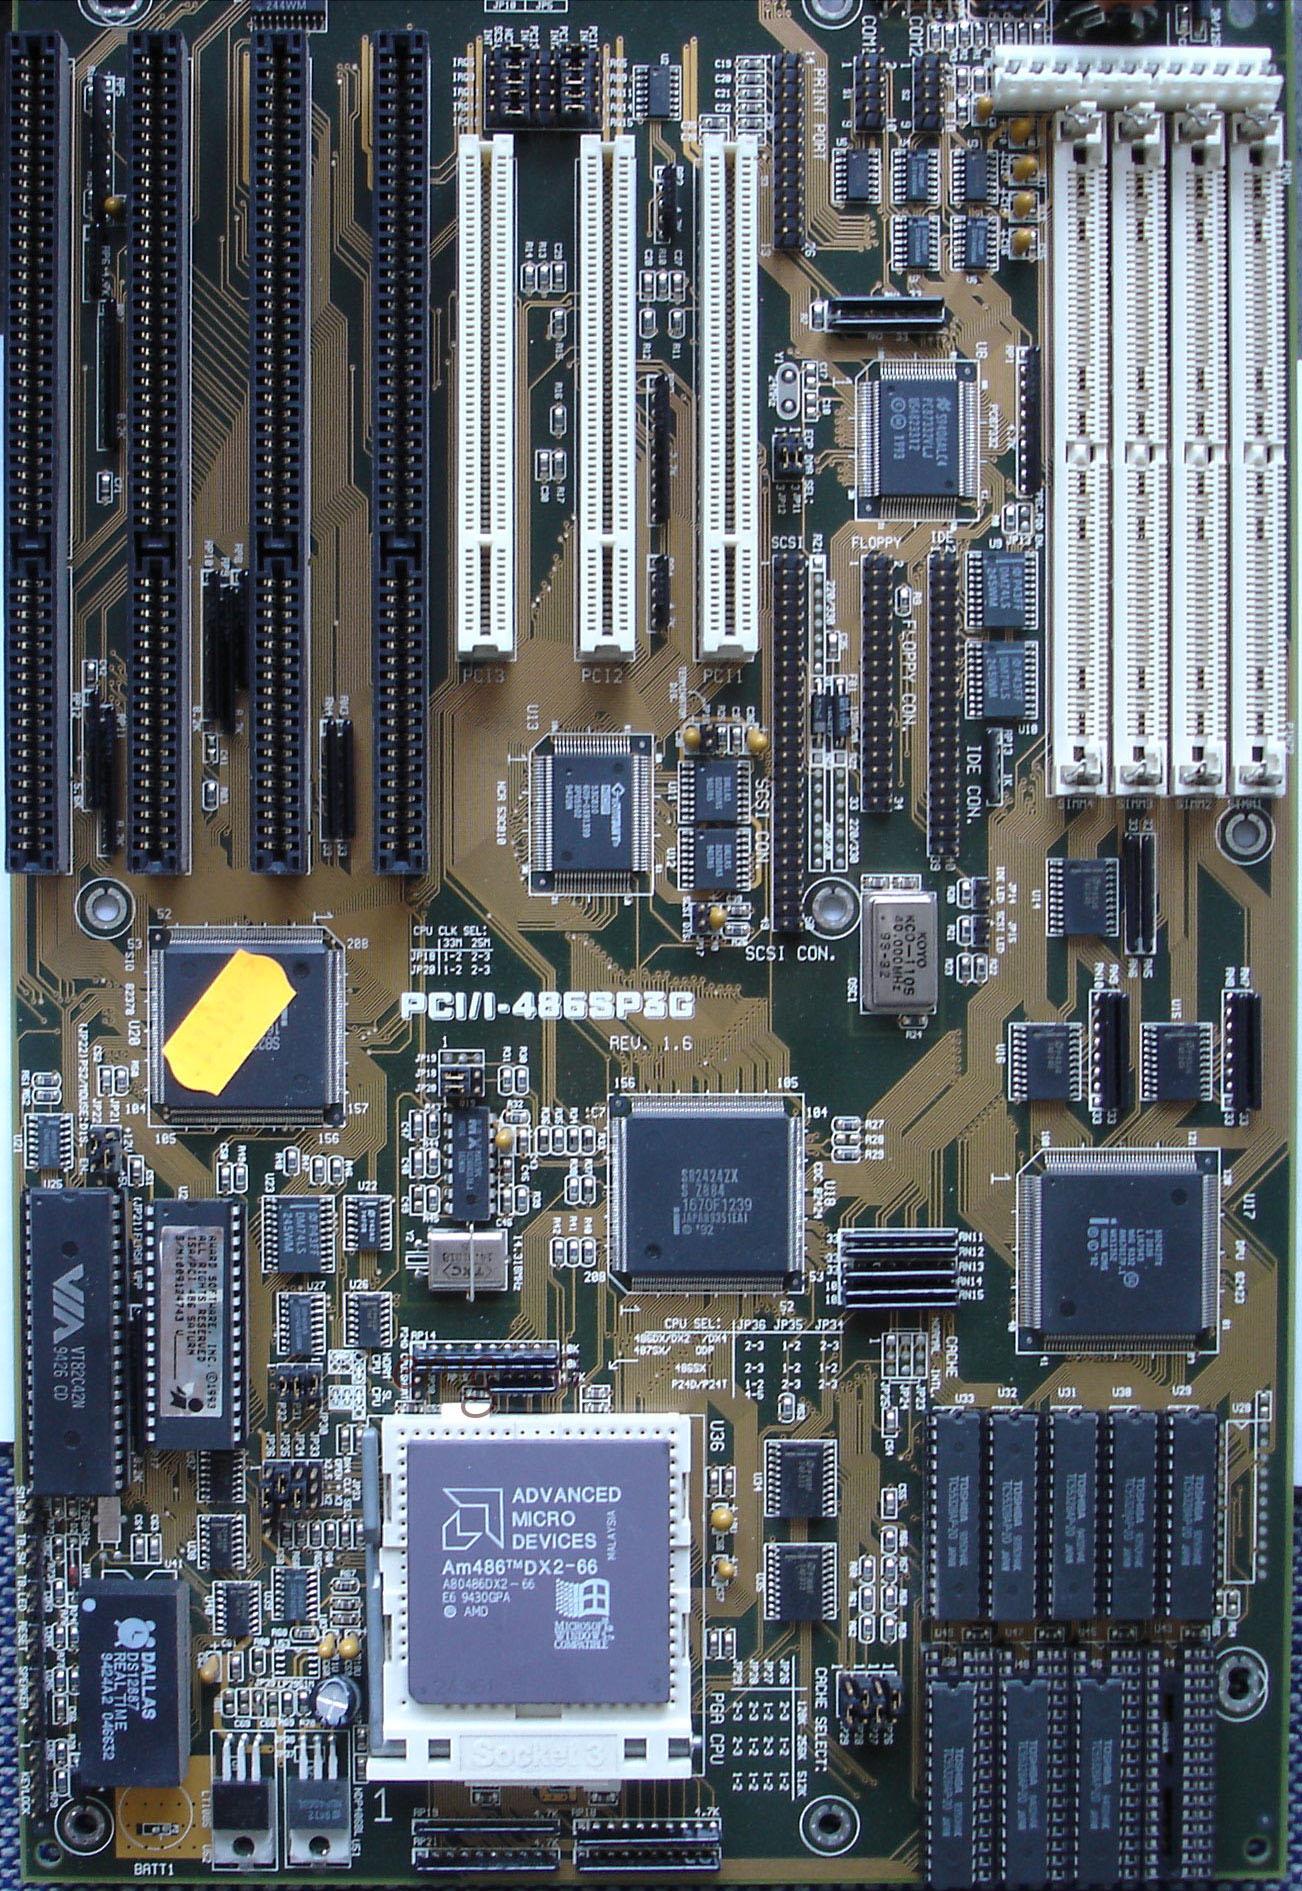 PCI VEN 14E4&DEV DRIVERS